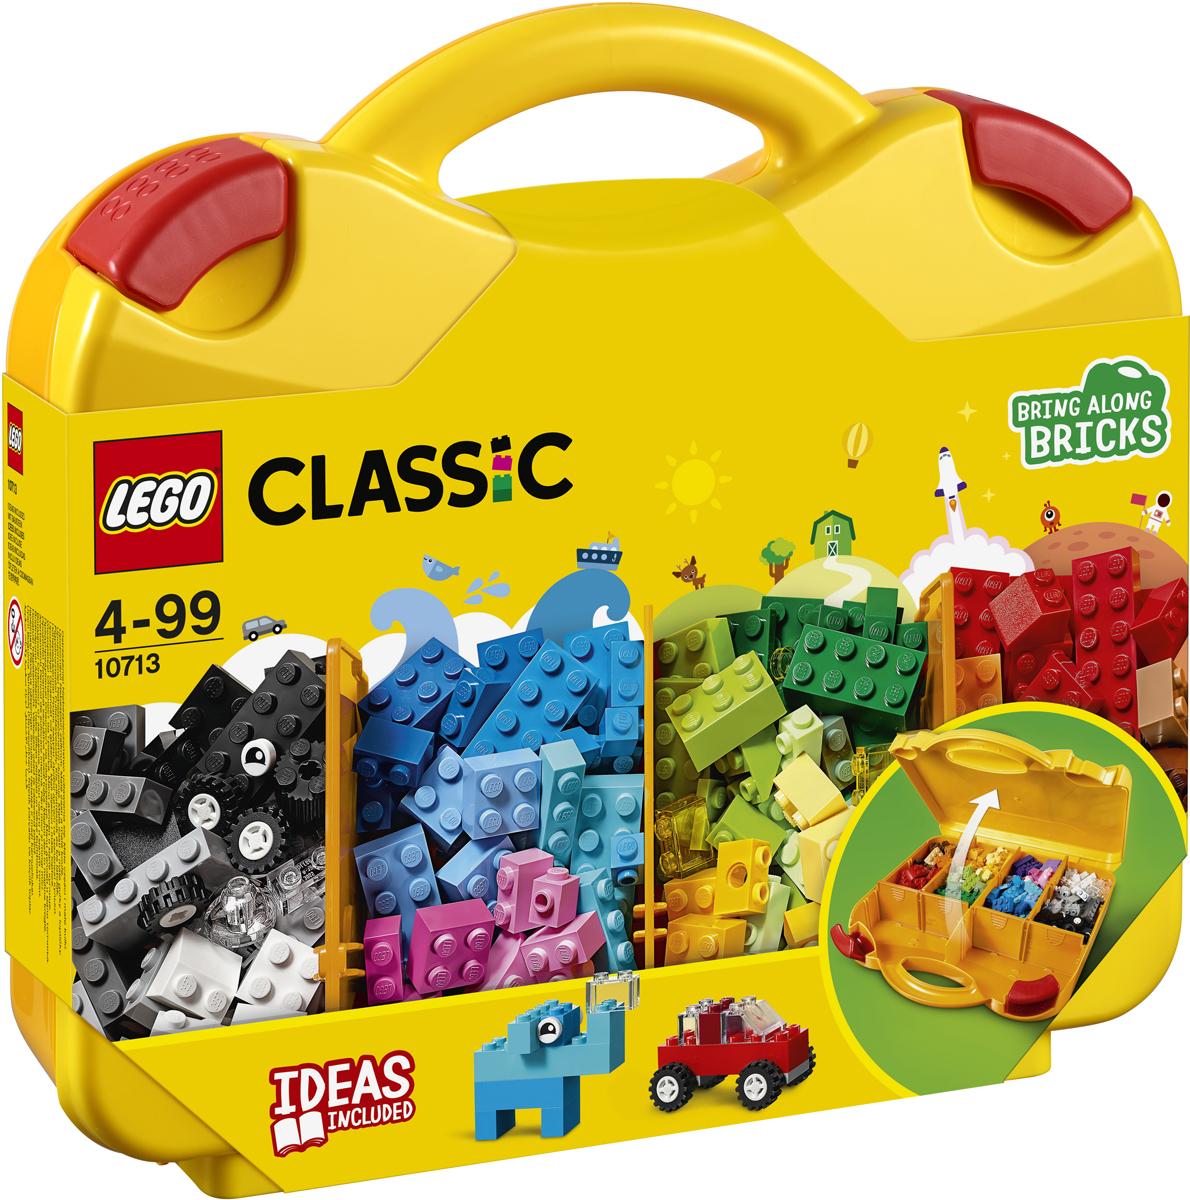 LEGO Classic Конструктор Чемоданчик для творчества и конструирования 10713 lego classic конструктор дополнение к набору для творчества яркие цвета 10693